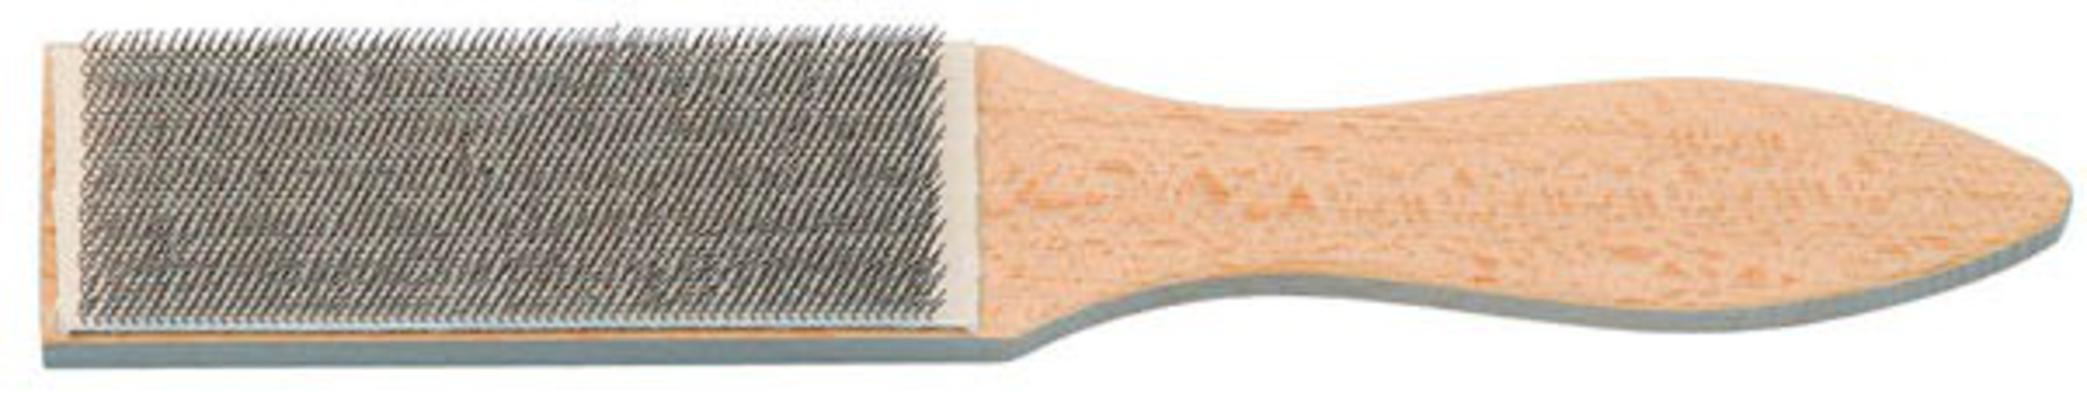 Viilaharja 40 x 115 mm, Osborn - Viilaharja 40 x 115 mm